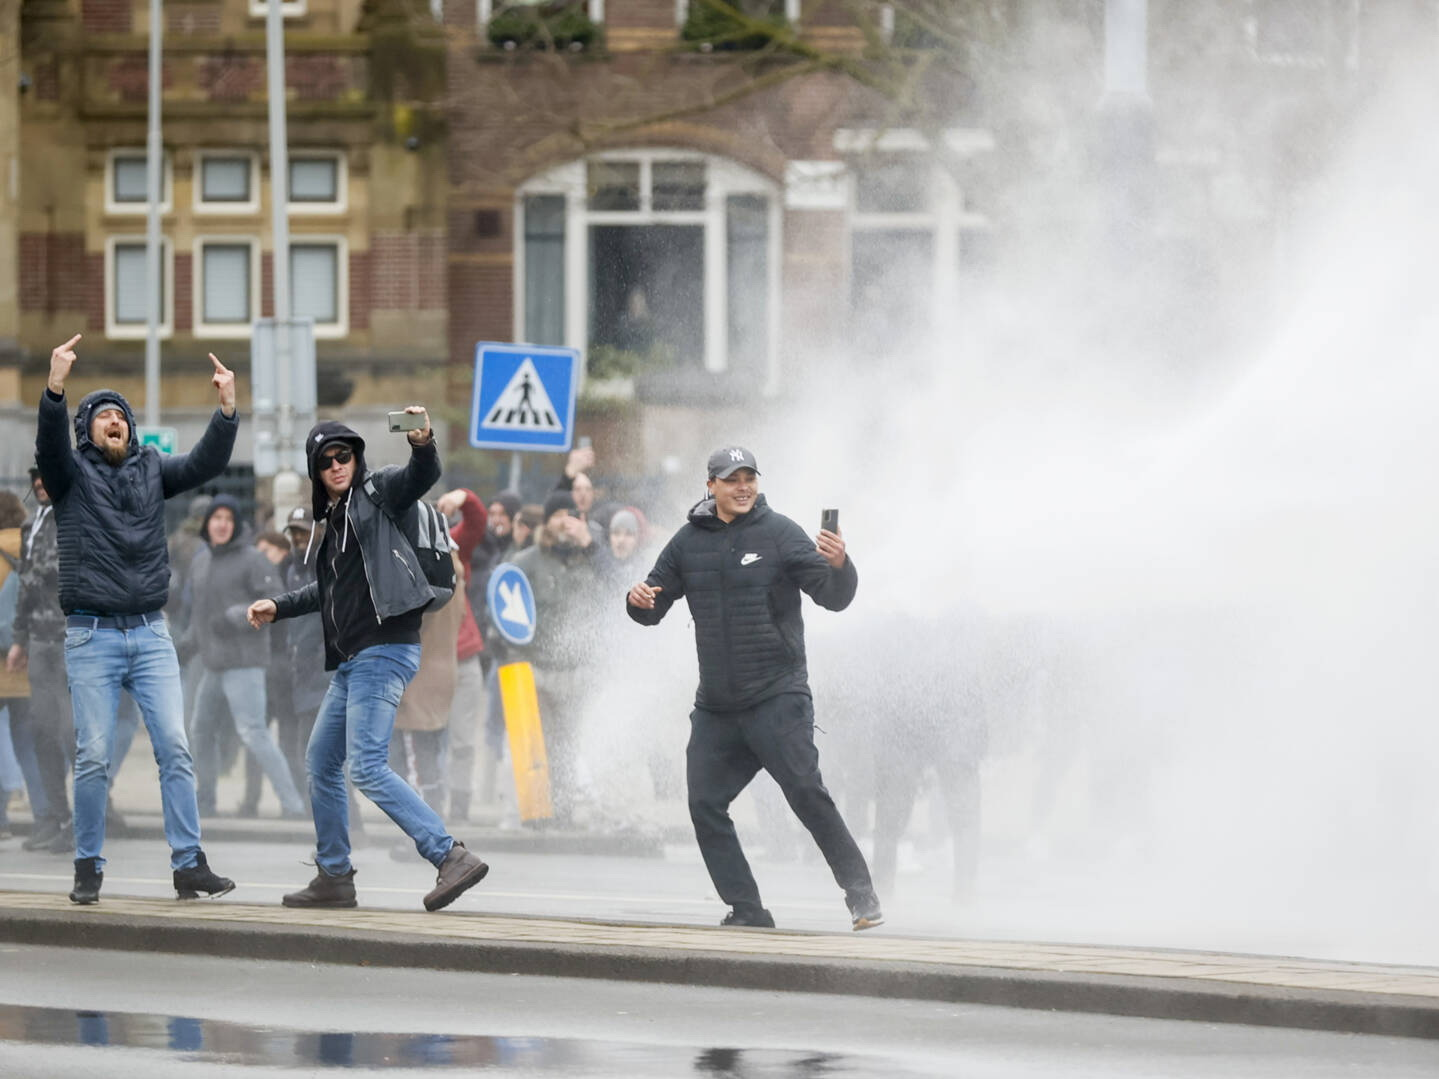 Практически 200 человек задержаны после беспорядков надемонстрации вАмстердаме